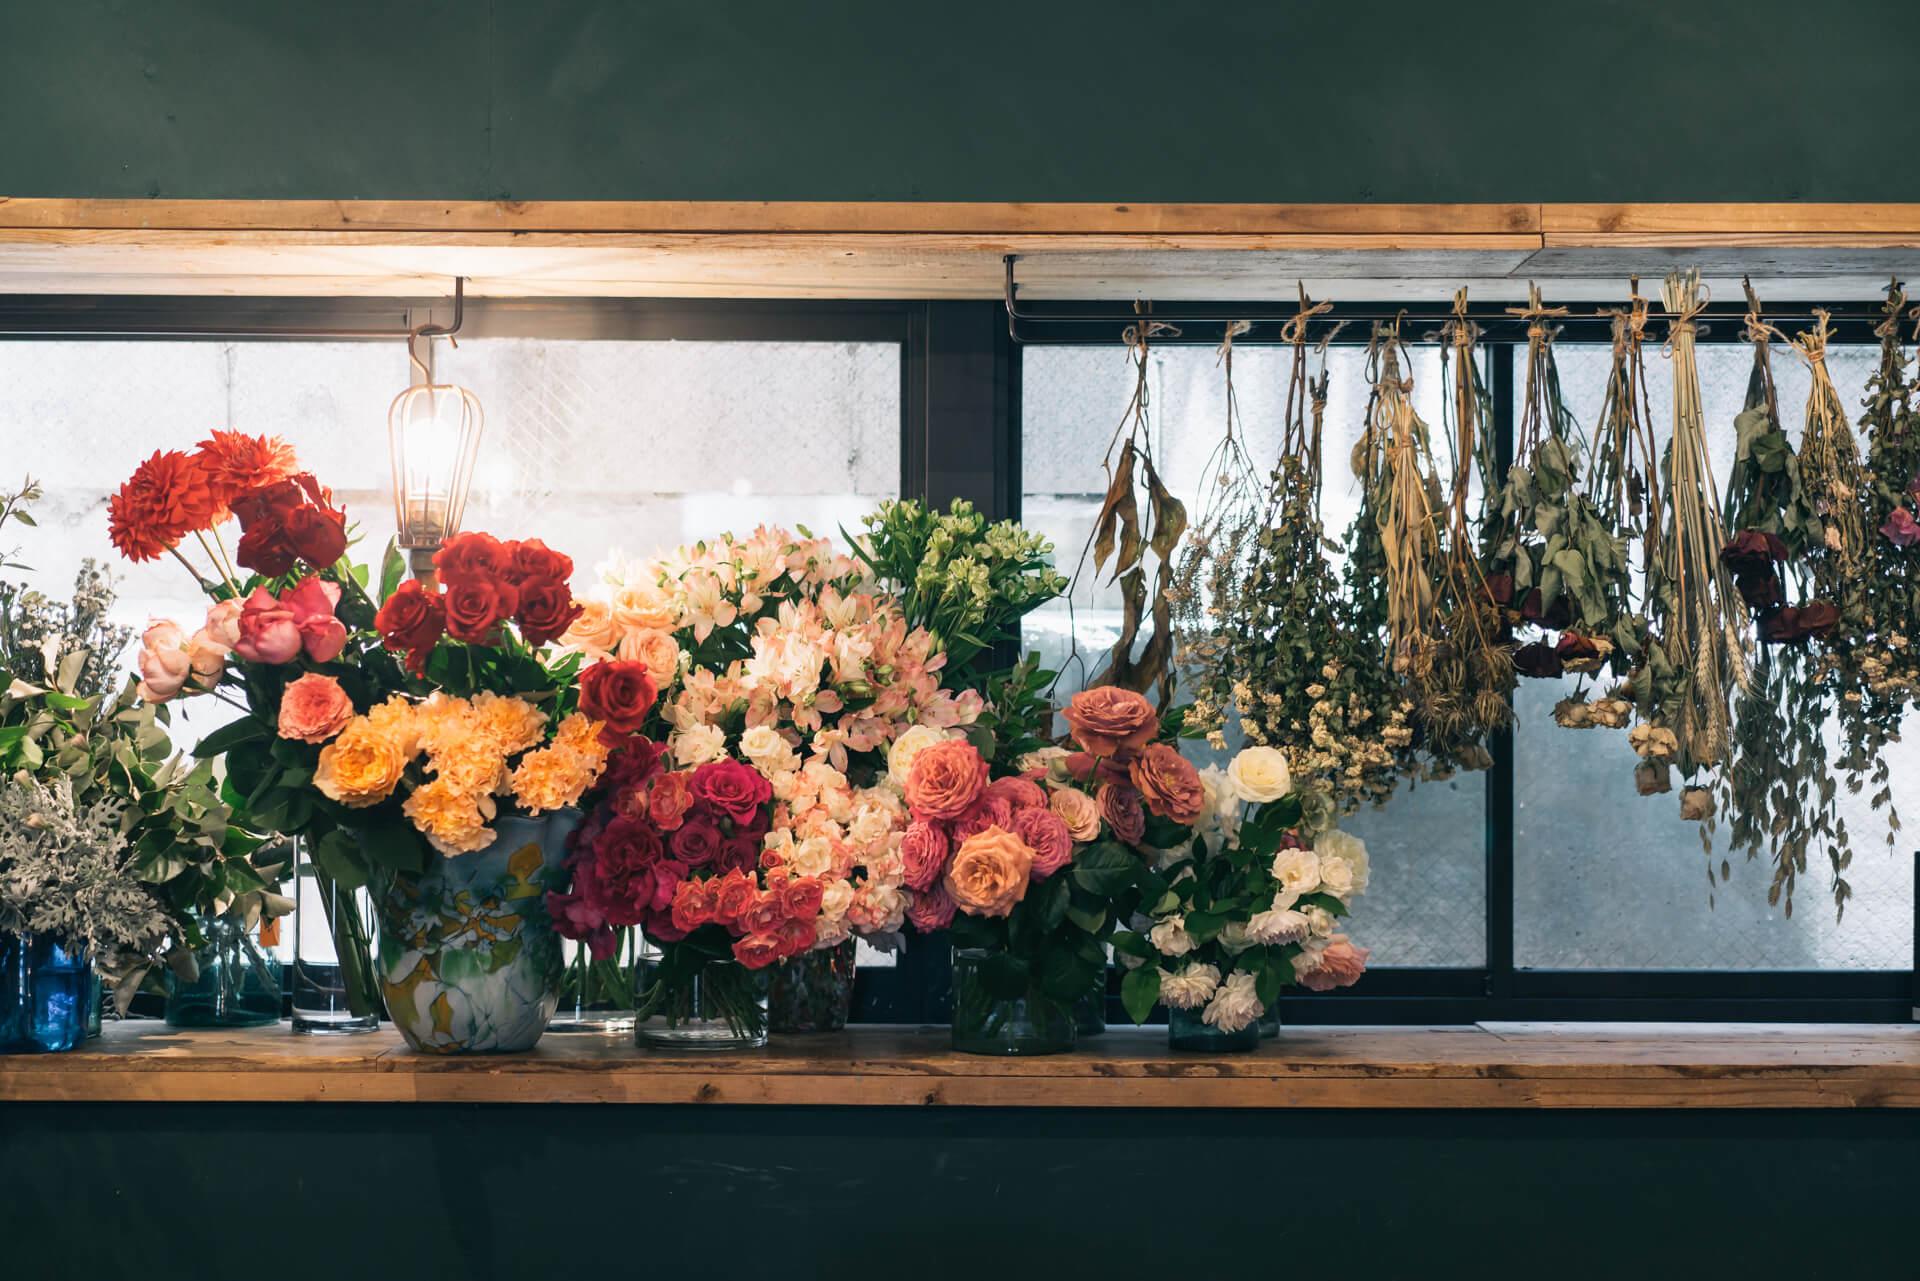 ひとつひとつ、選び抜かれた生花、それにドライフラワーが並びます。